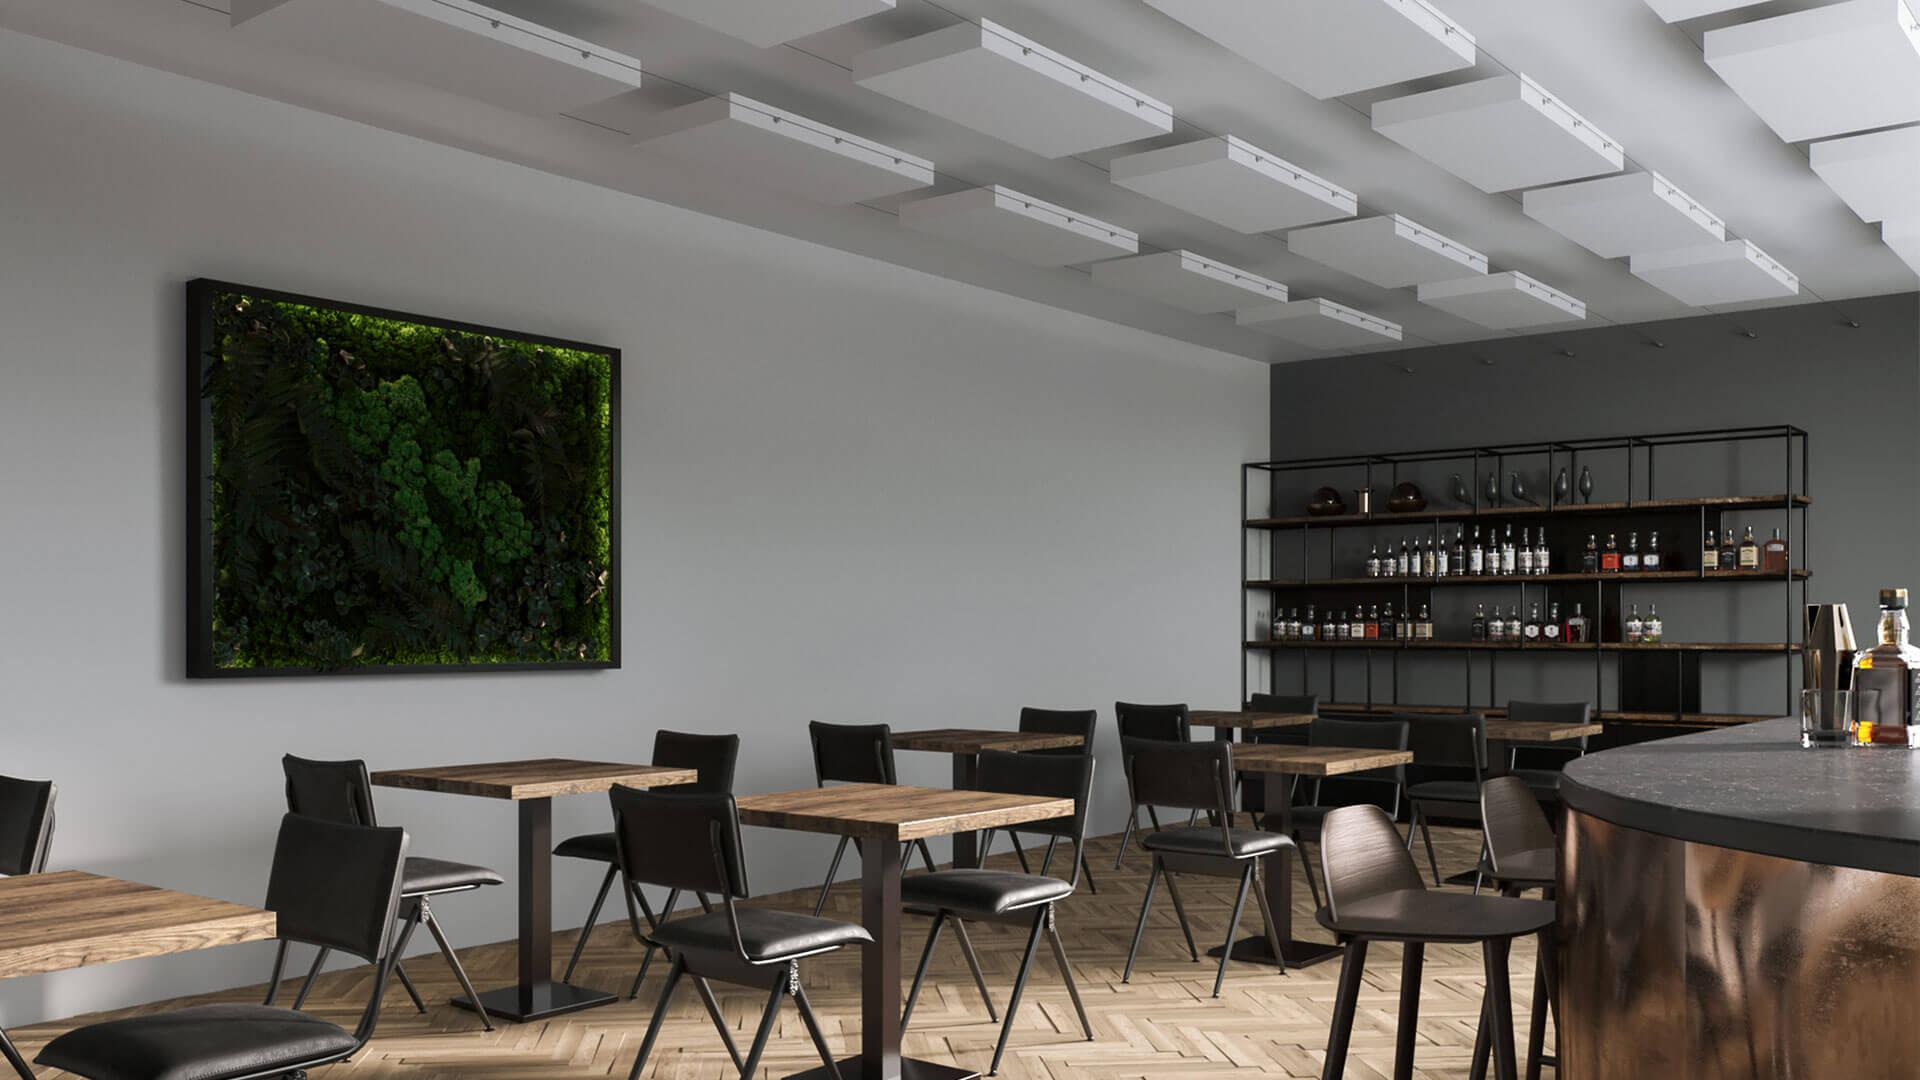 Les plafonds suspendus aixFOAM pour l'isolation acoustique